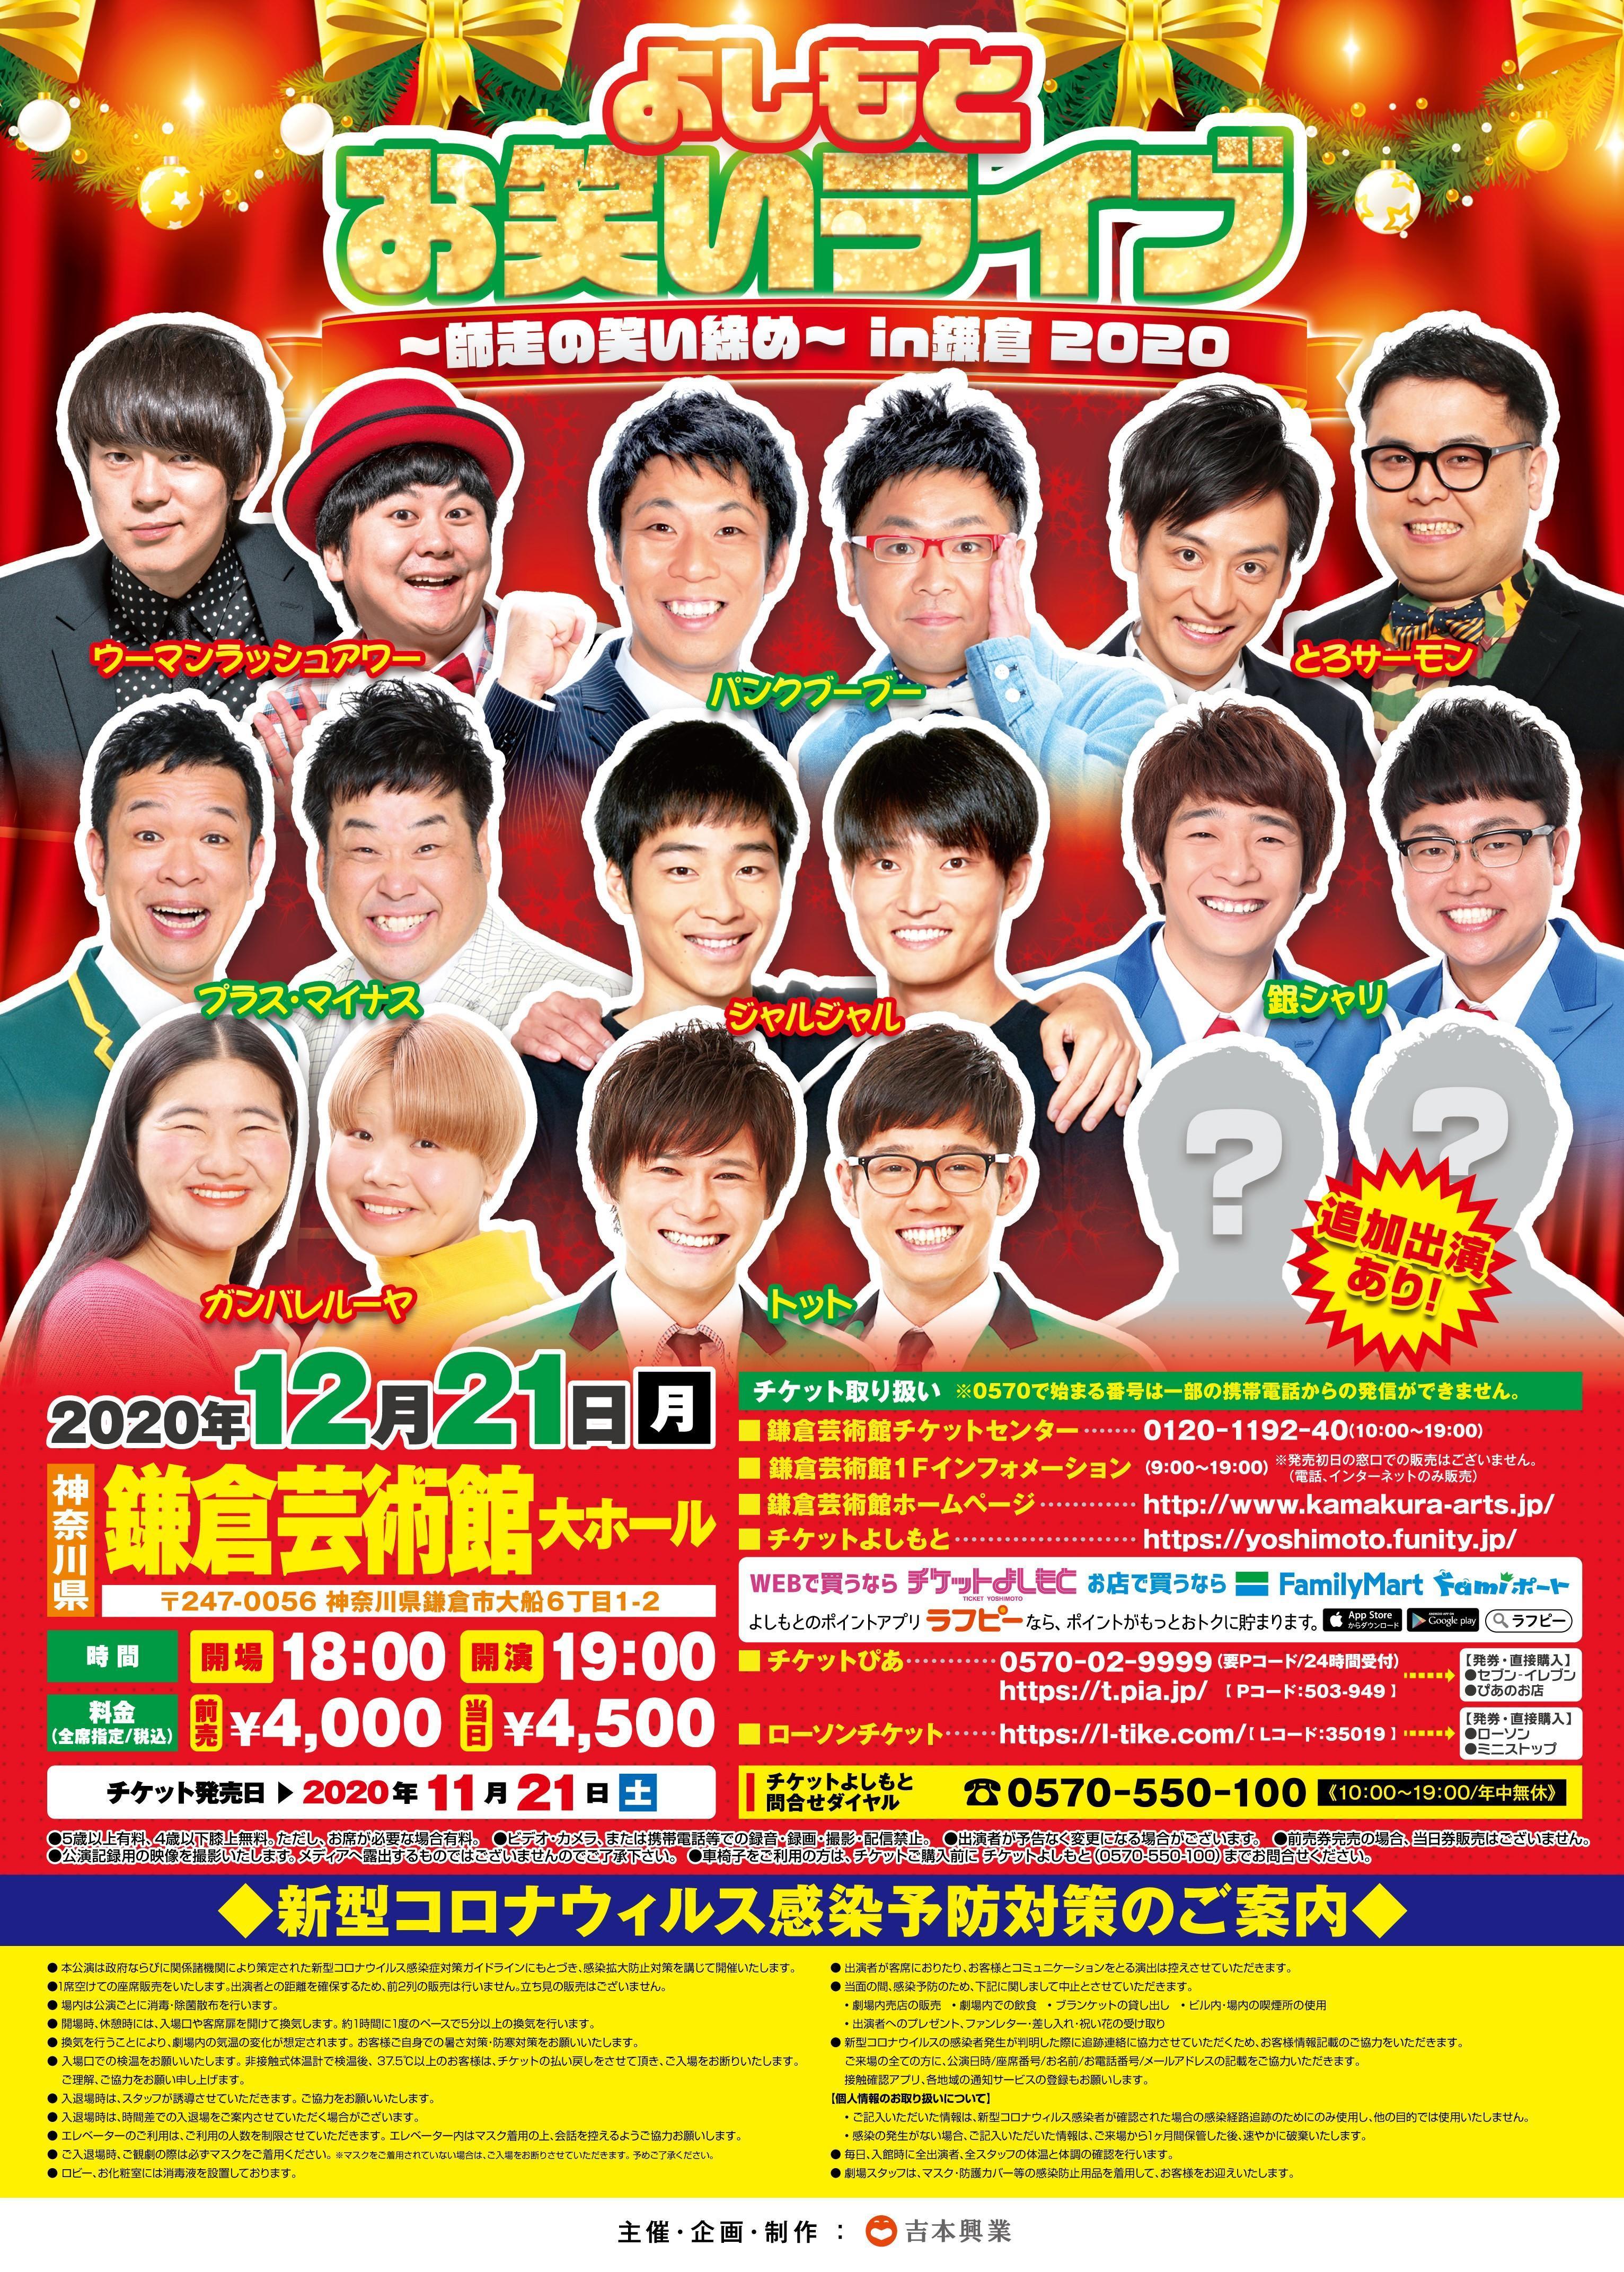 http://www.syumatsu.jp/20201120103953-5c681cc11bb055bcc78927d546ccf942356924c3.jpg